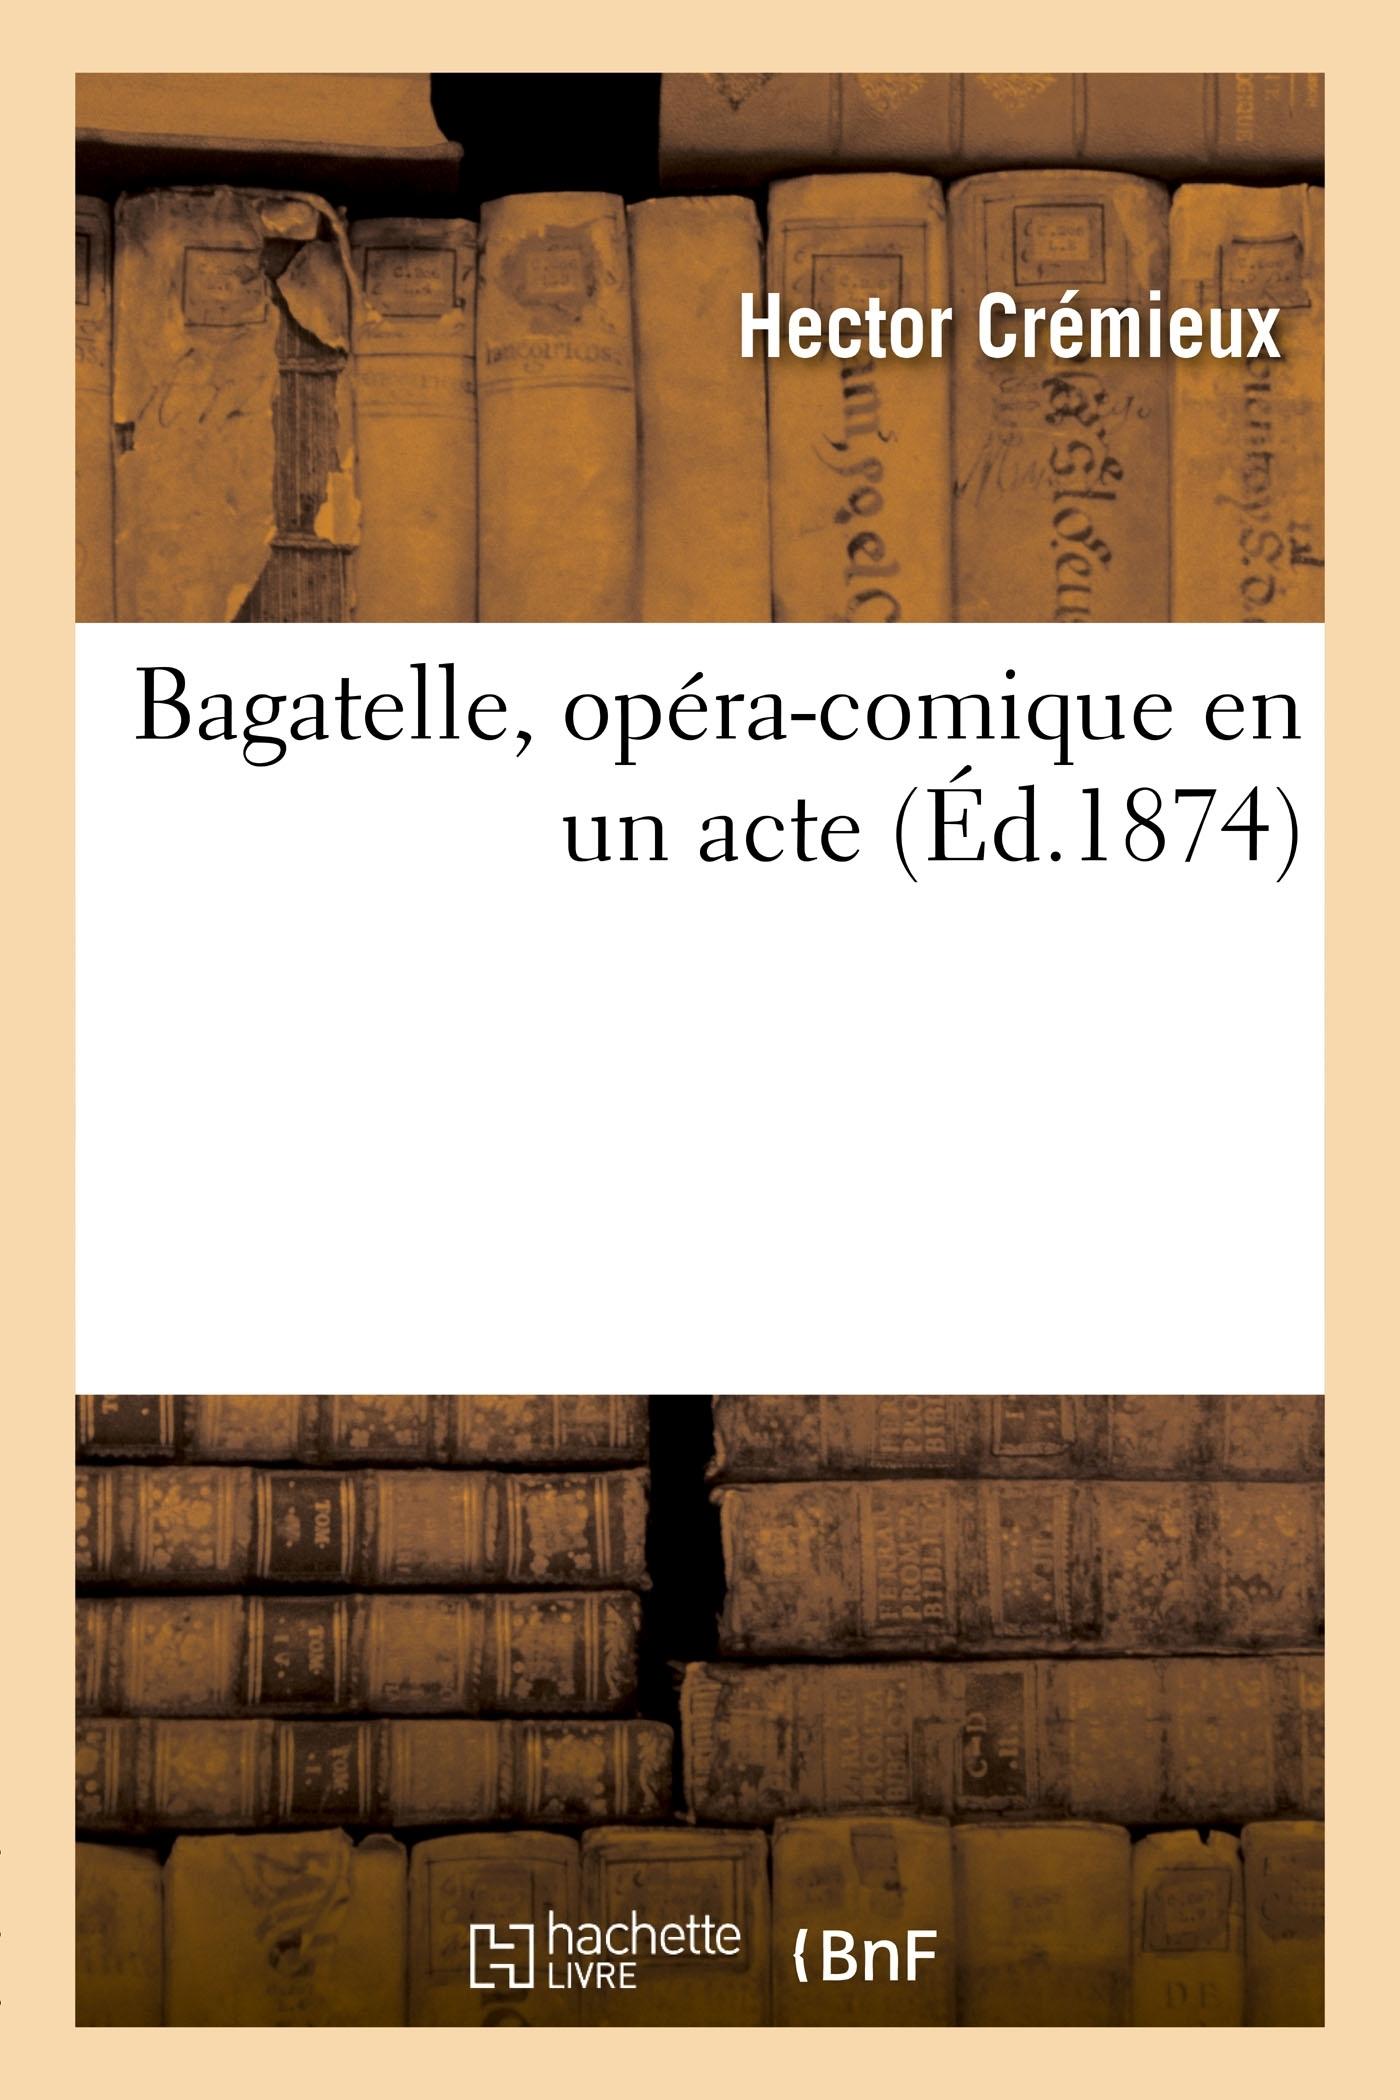 BAGATELLE, OPERA-COMIQUE EN UN ACTE